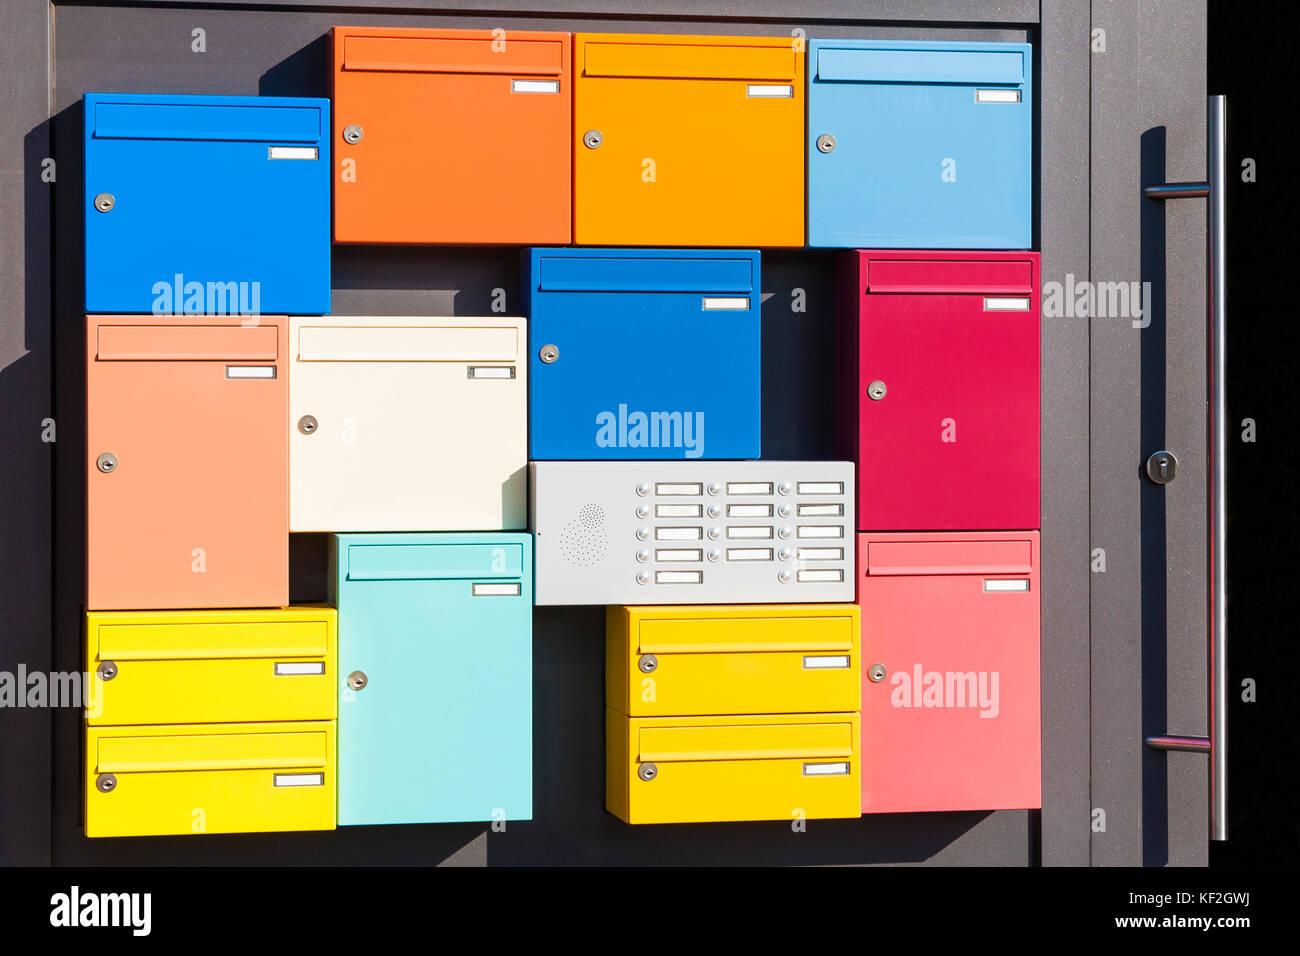 Deutschland, Baden-Württemberg, Tübingen, Mehrfamilienhaus, Eingangstür, Briefkästen bunte, Immagini Stock